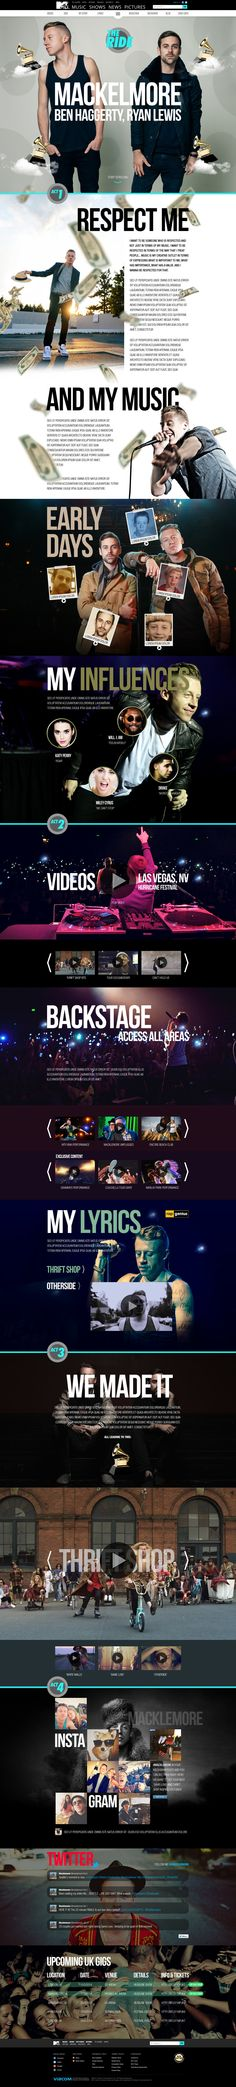 Macklemore_MTV_v2.jpg